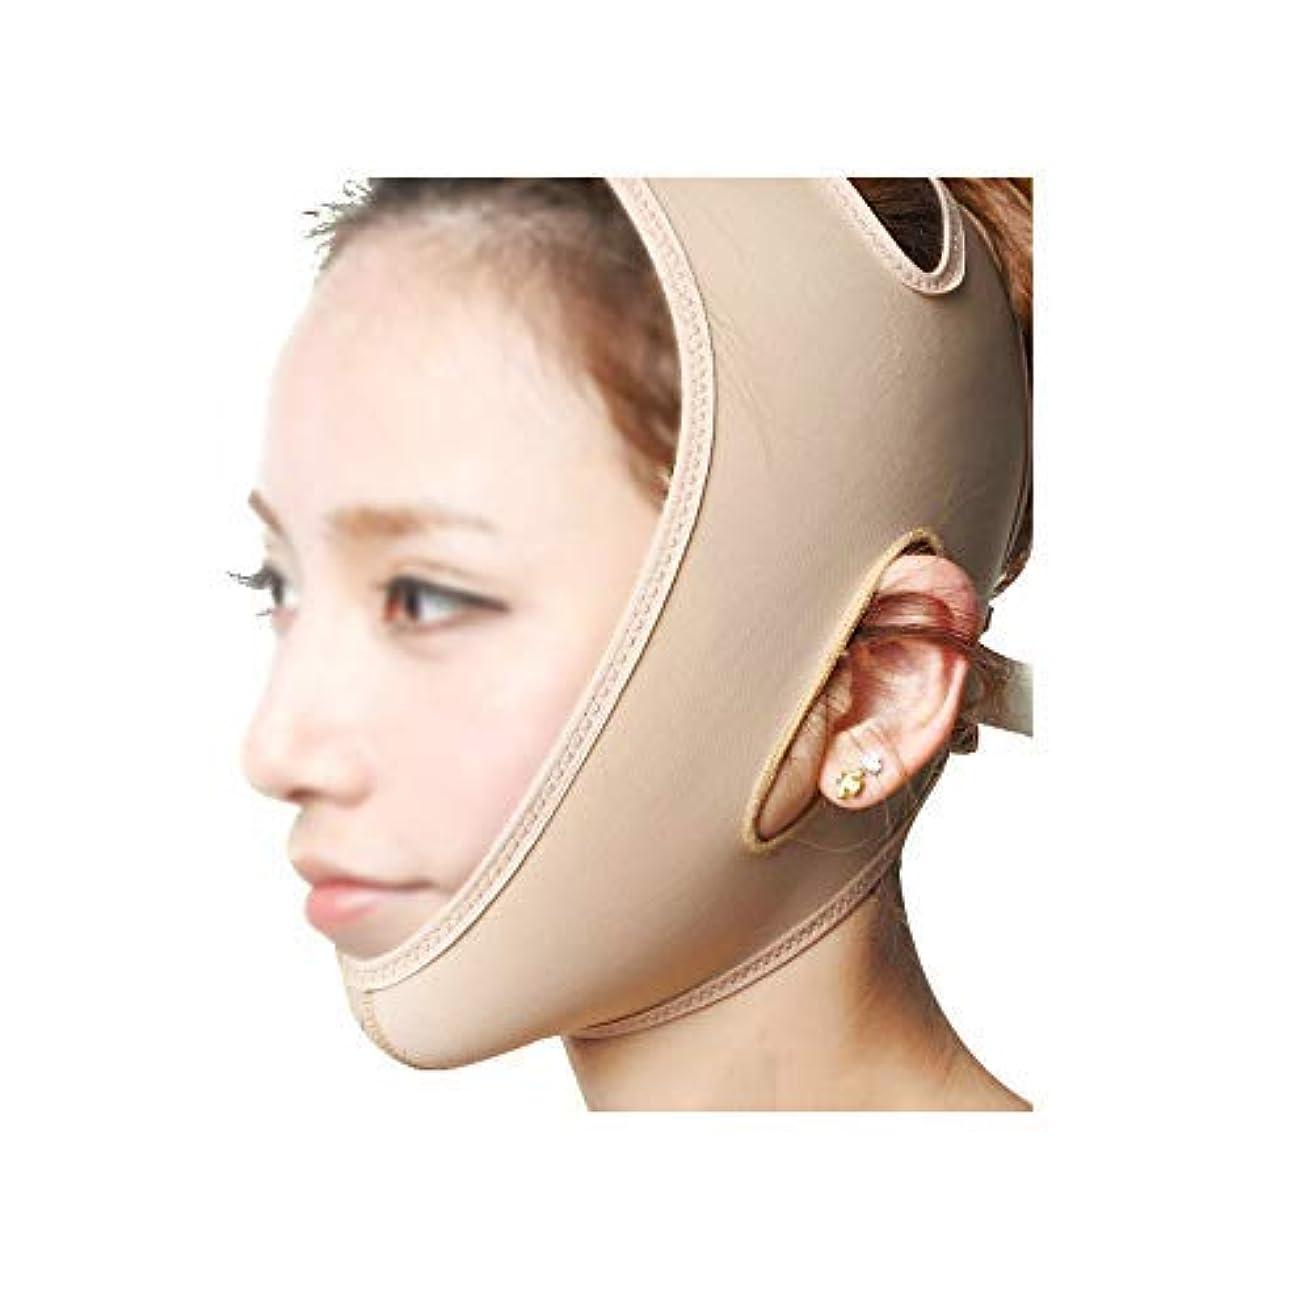 実際のプロフェッショナル合金フェイスリフティングバンデージ、フェイスマスク3Dパネルデザイン、通気性に優れたライクラ素材の物理的なVフェイス、美しい顔の輪郭の作成(サイズ:S),M